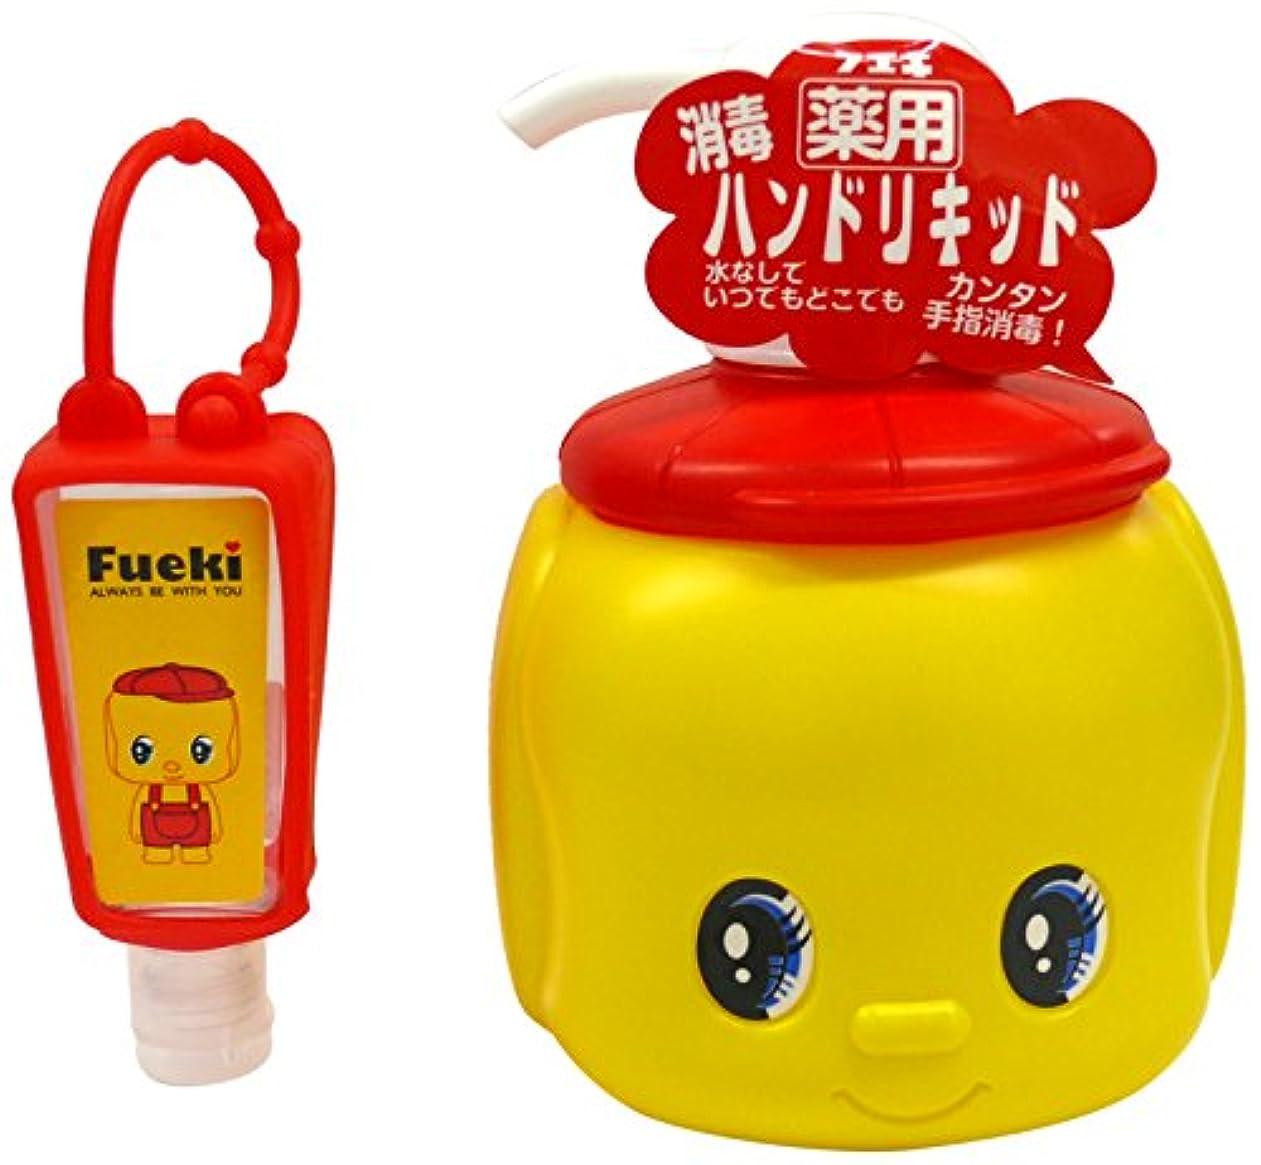 できる受粉する中毒薬用 フエキやさしい消毒ハンドリキッド ポンプタイプ 350ml (詰め替え容器付き)